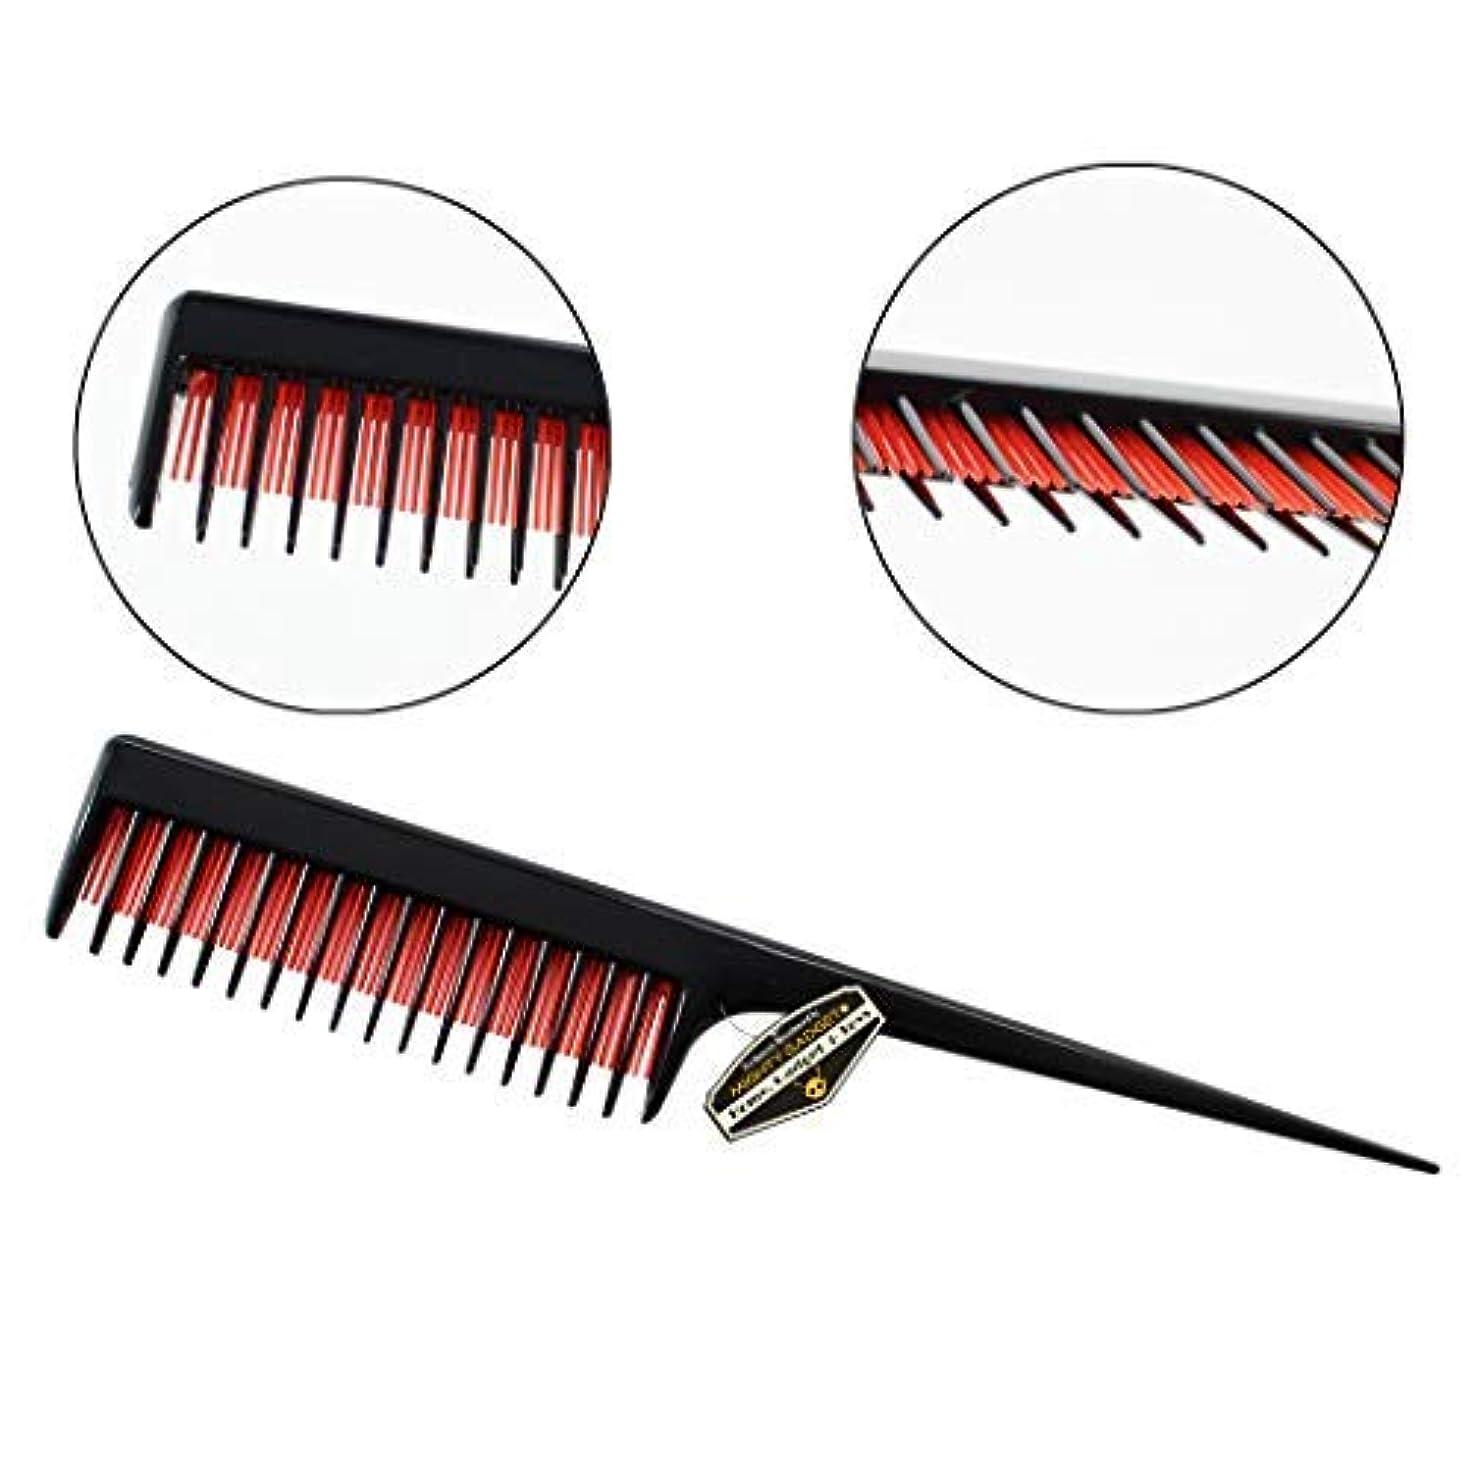 スタウト会話型腸3 Pack of Mighty Gadget 8 inch Teasing Comb - Rat Tail Comb for Back Combing, Root Teasing, Adding Volume, Evening...